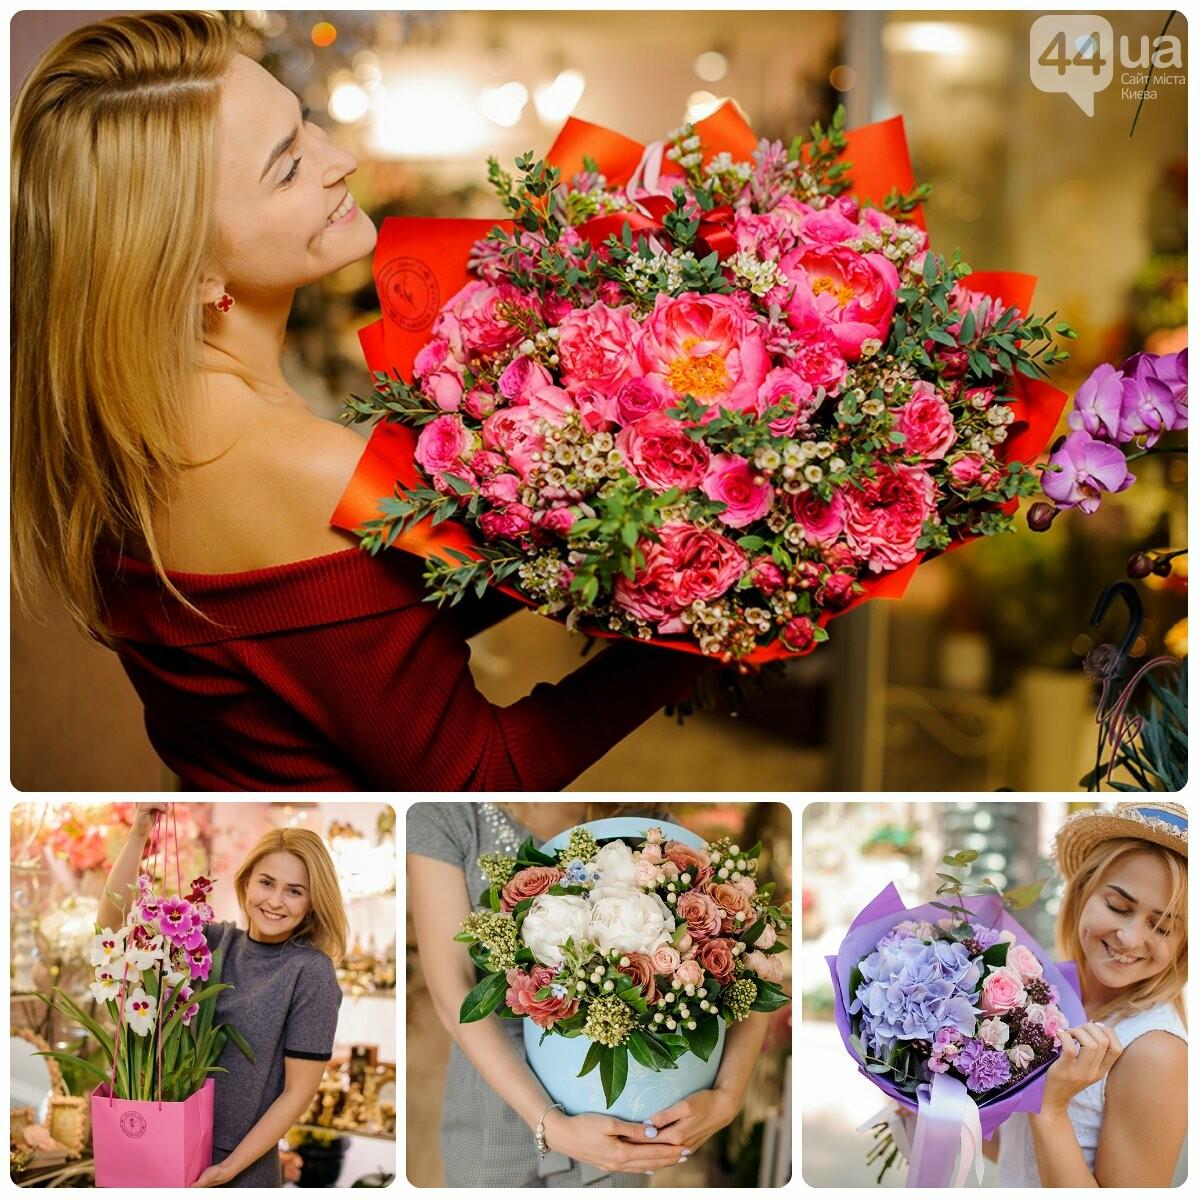 Доставка цветов в Киеве - где заказать?, фото-9